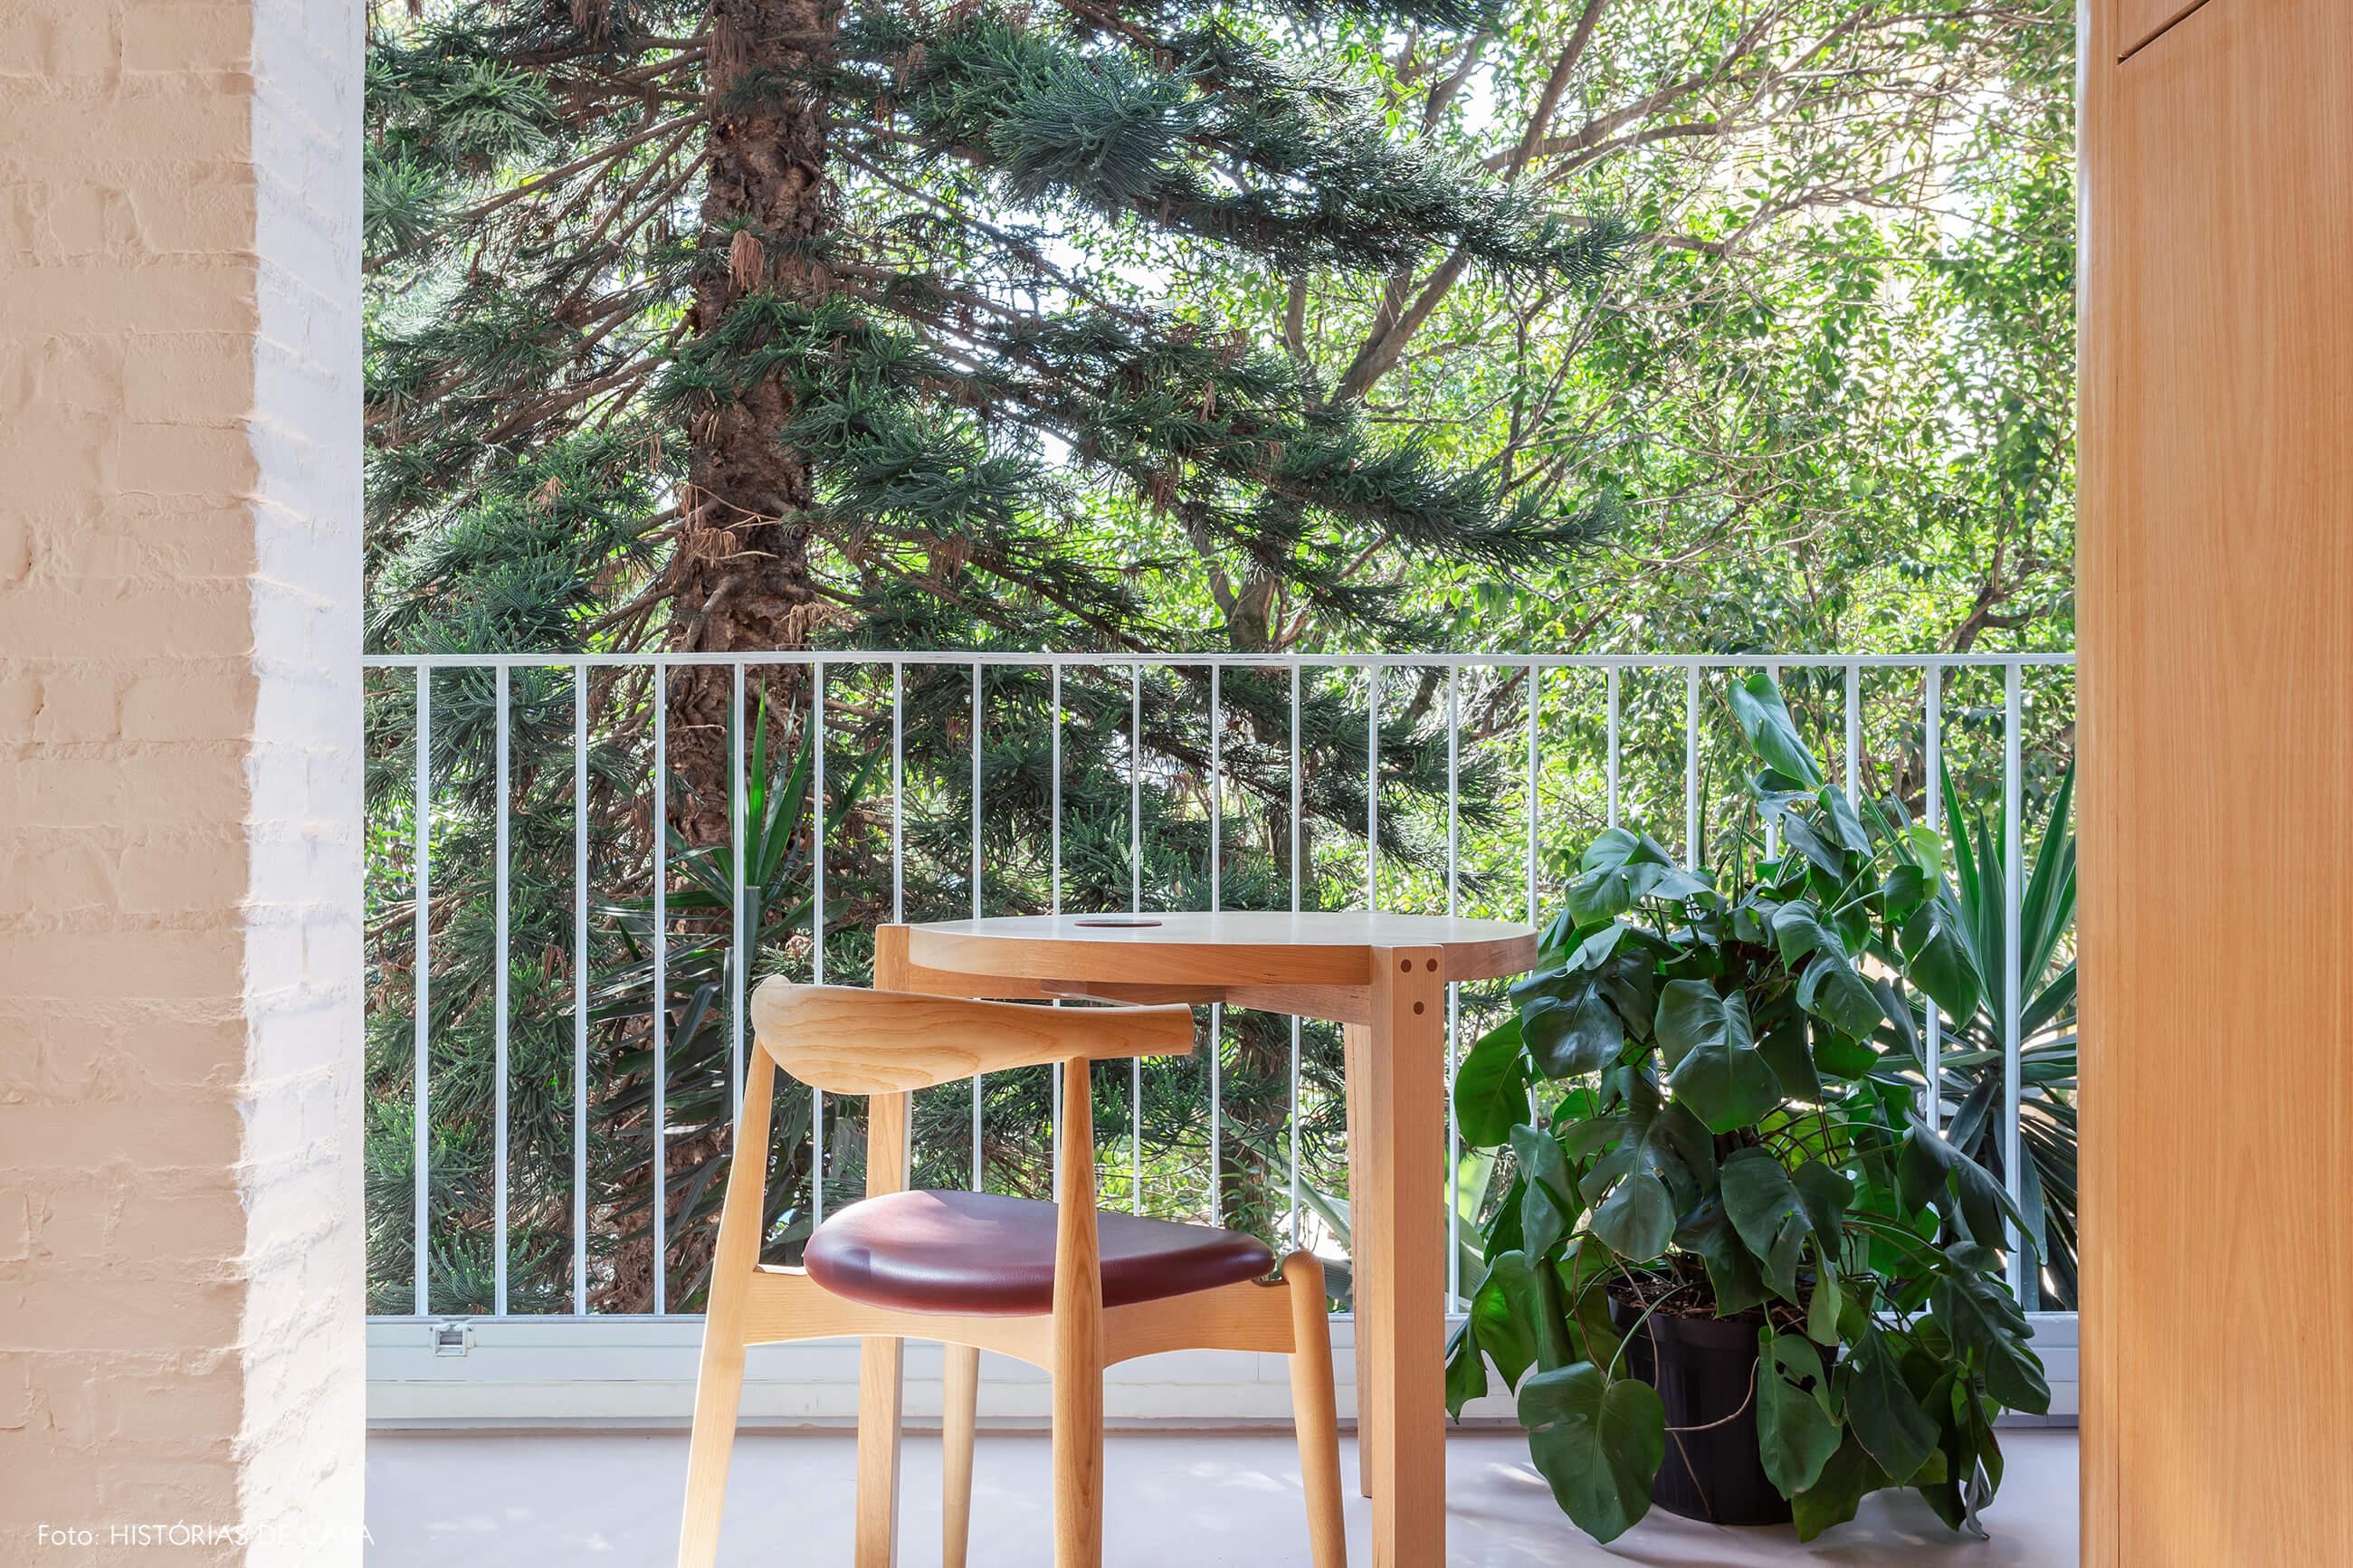 Apartamento com varanda e vista para as árvores